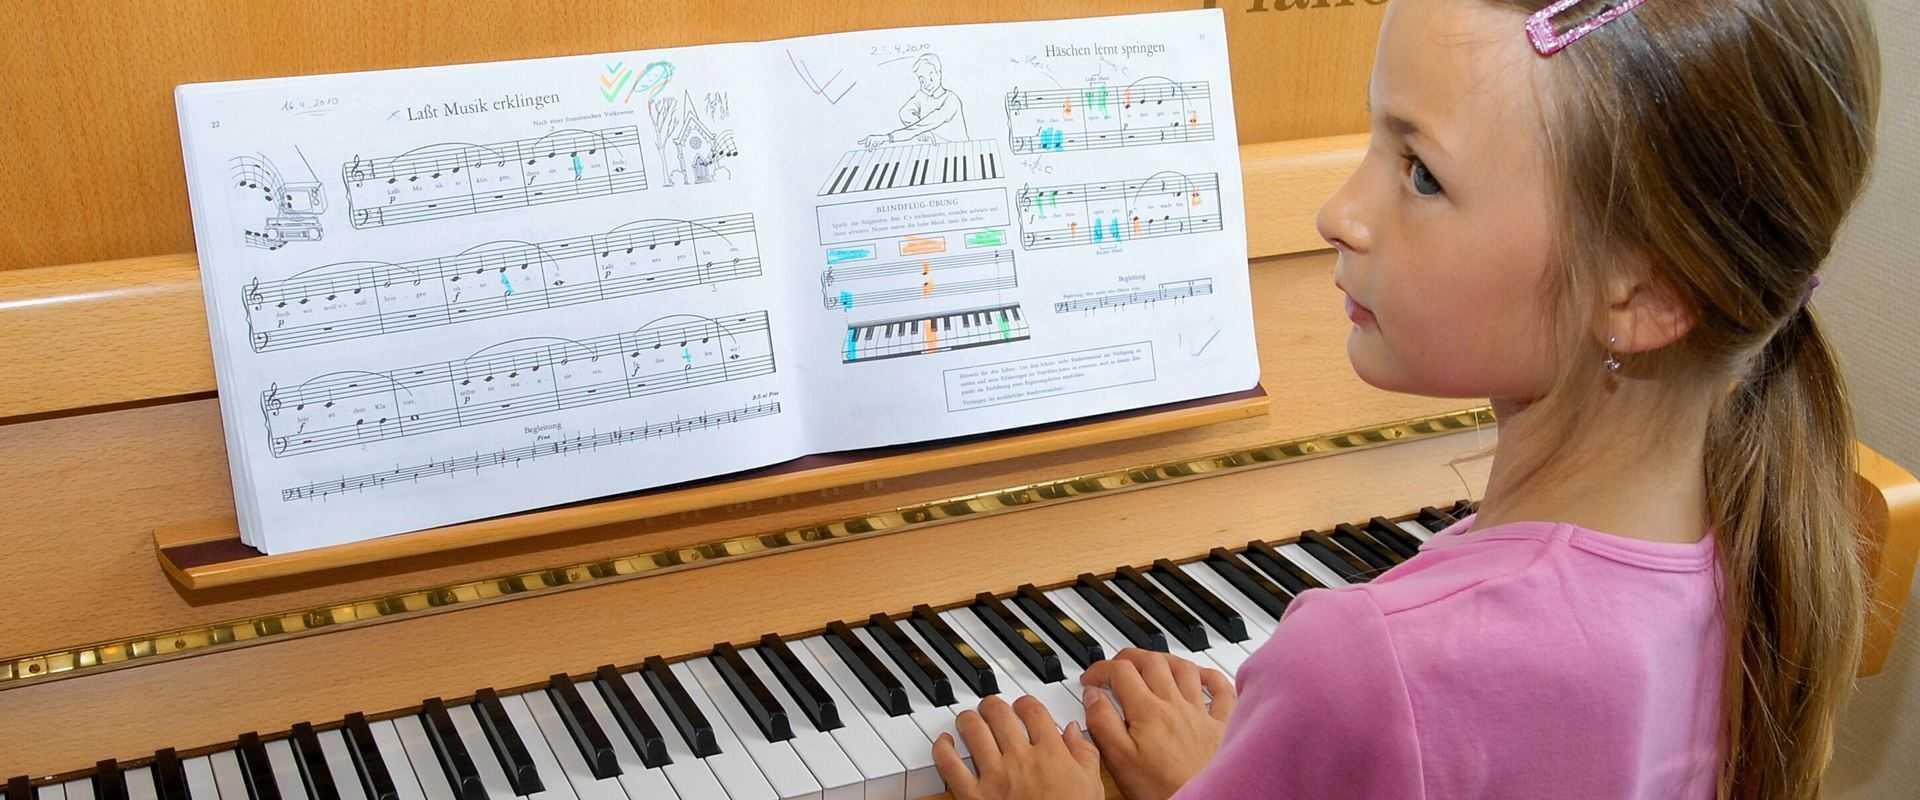 Klavierunterricht in der Musikschule Bertheau & Morgenstern